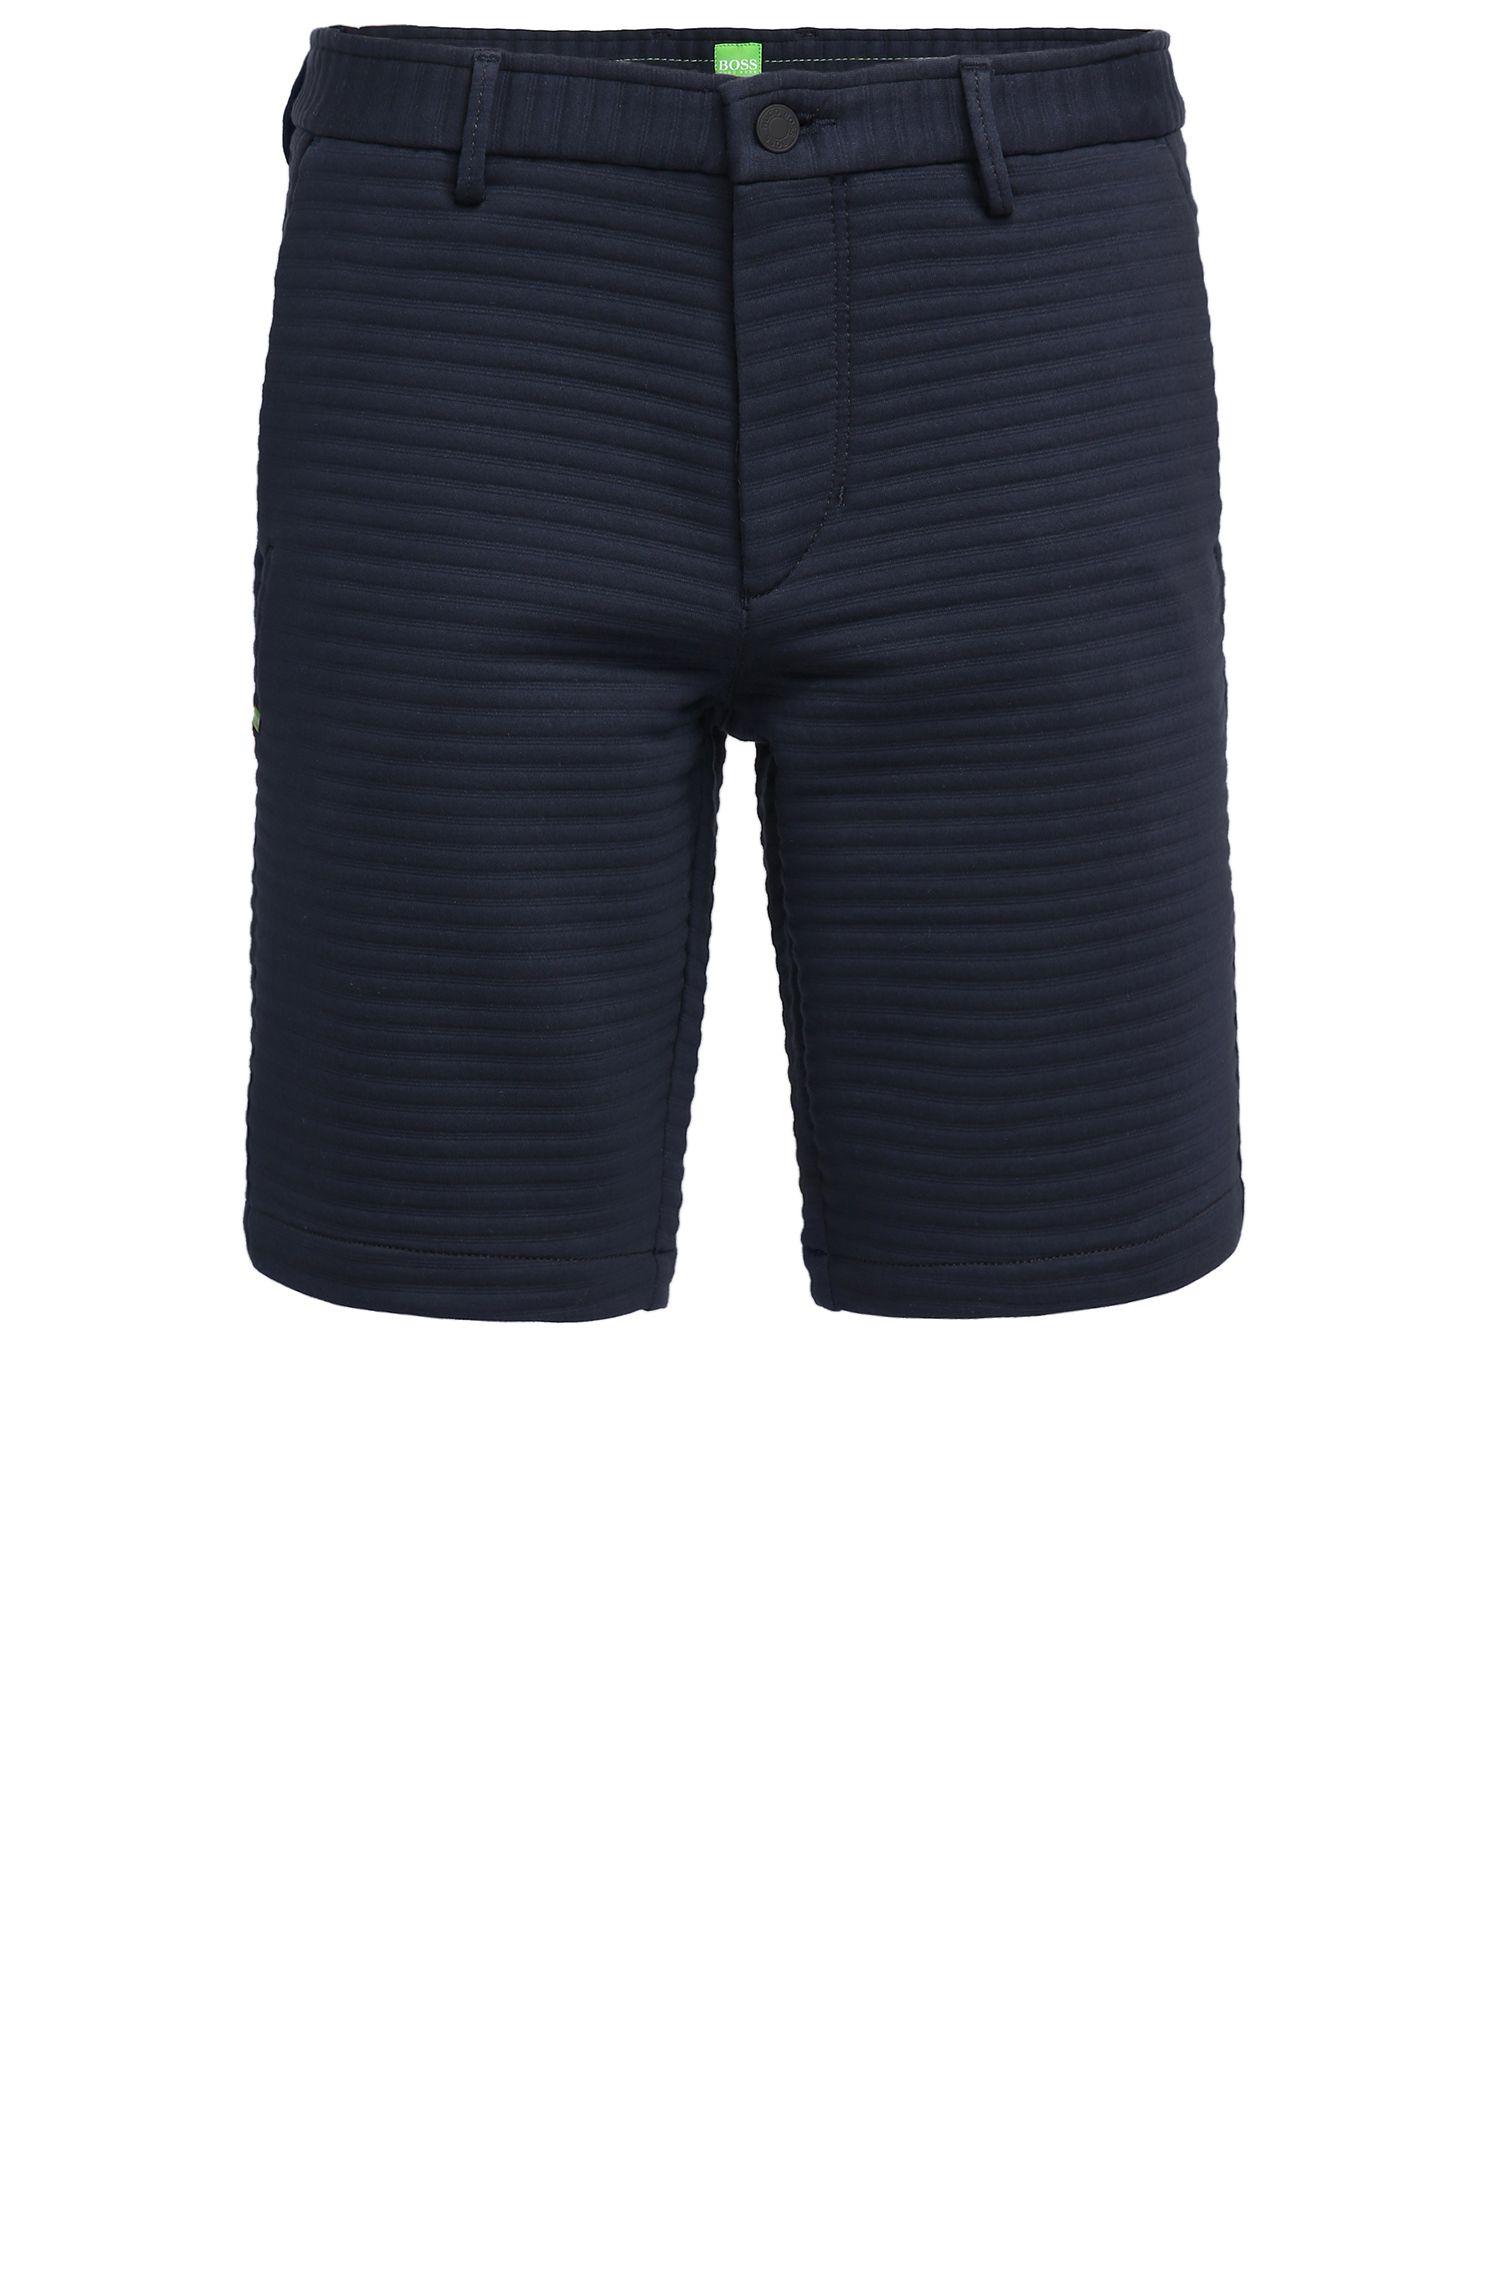 Shorts slim fit en punto italiano con textura